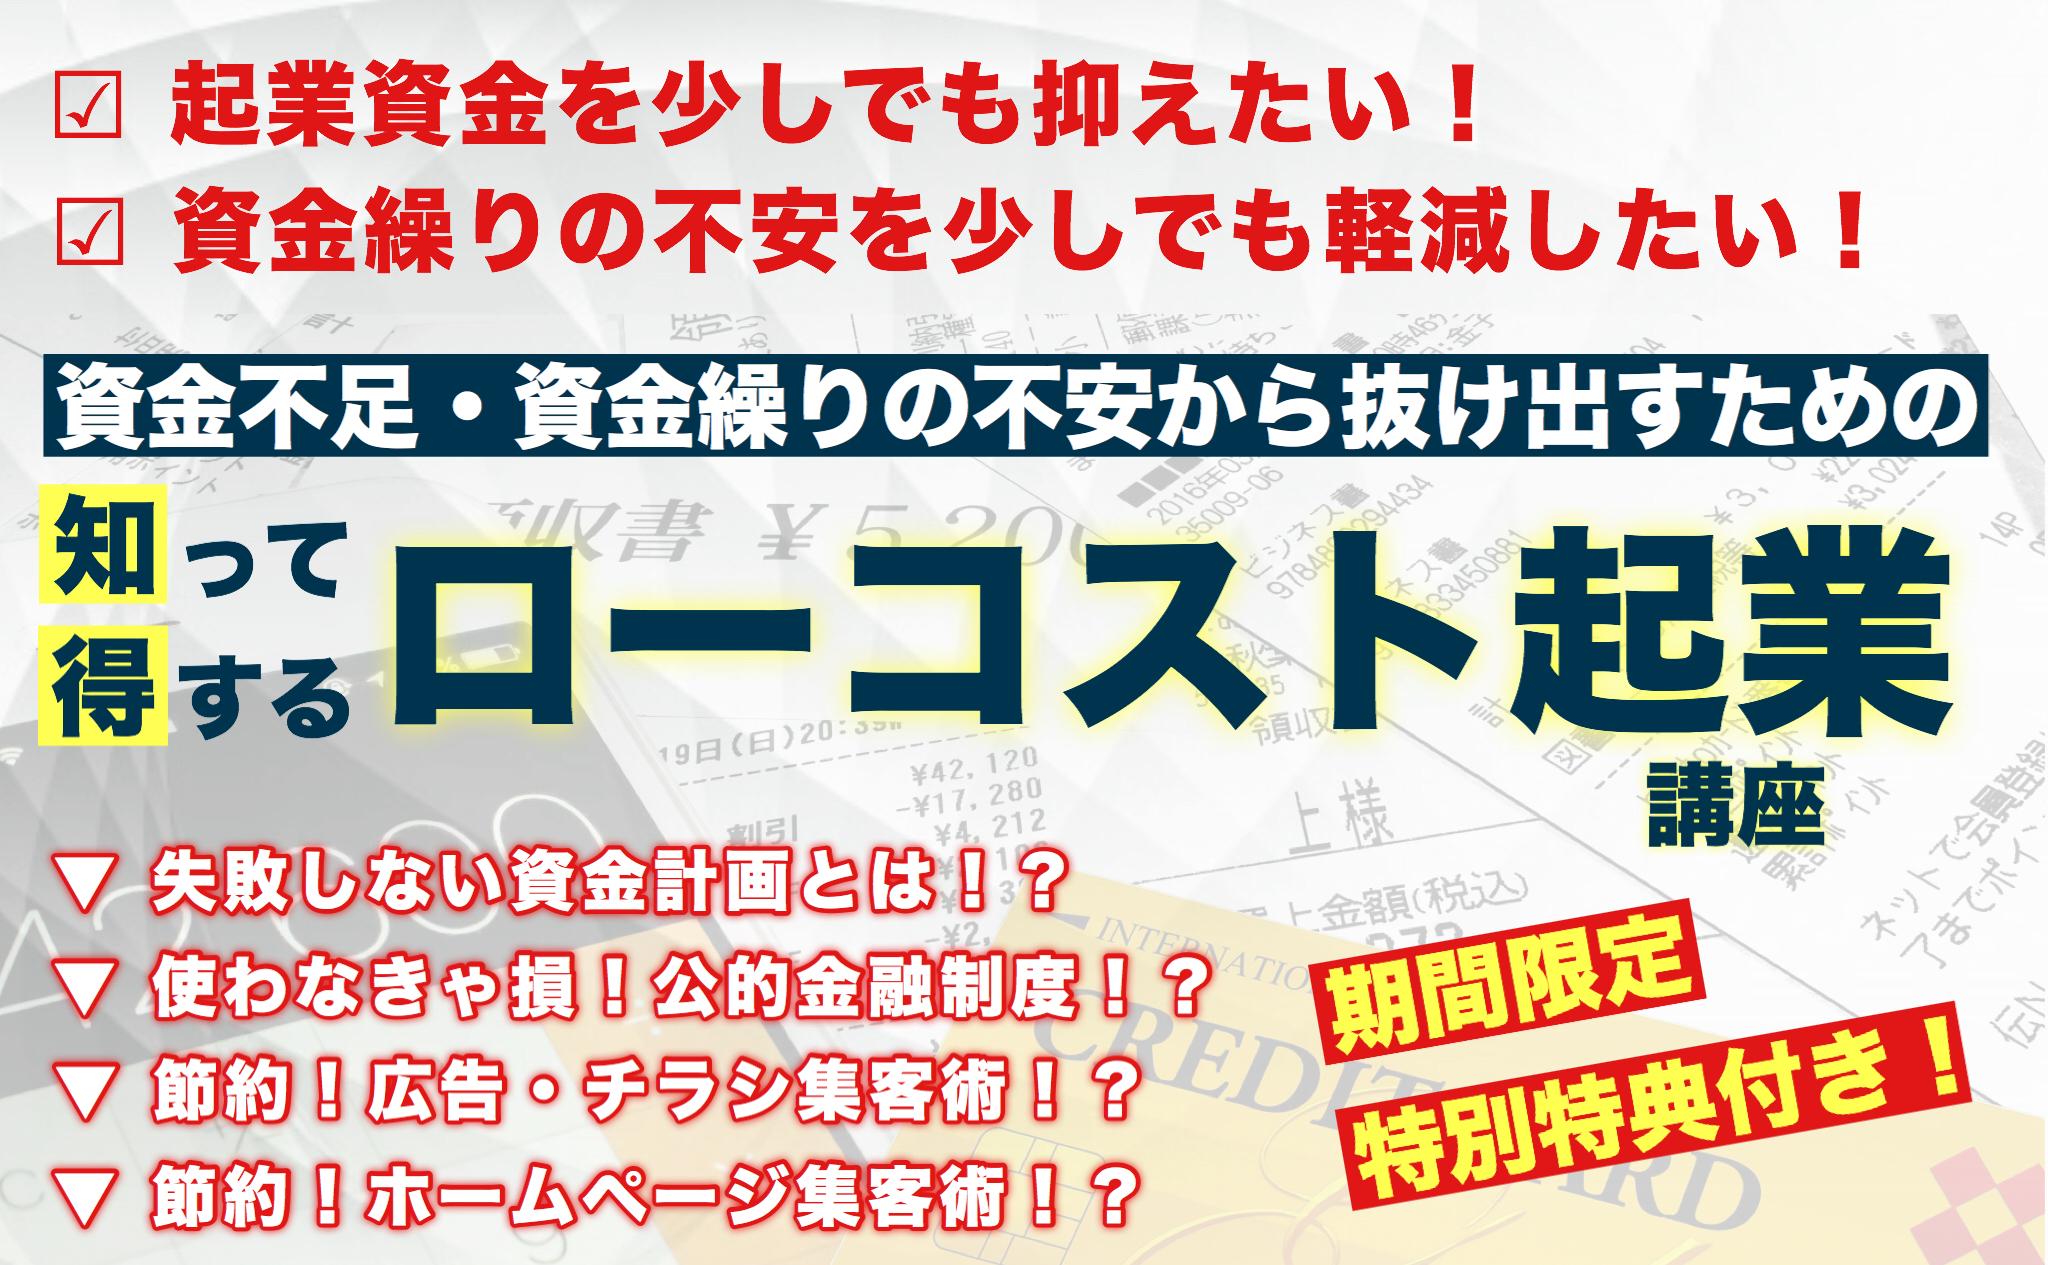 独立起業セミナー資金不足対策や資金調達方法 神奈川横浜ヘッダー